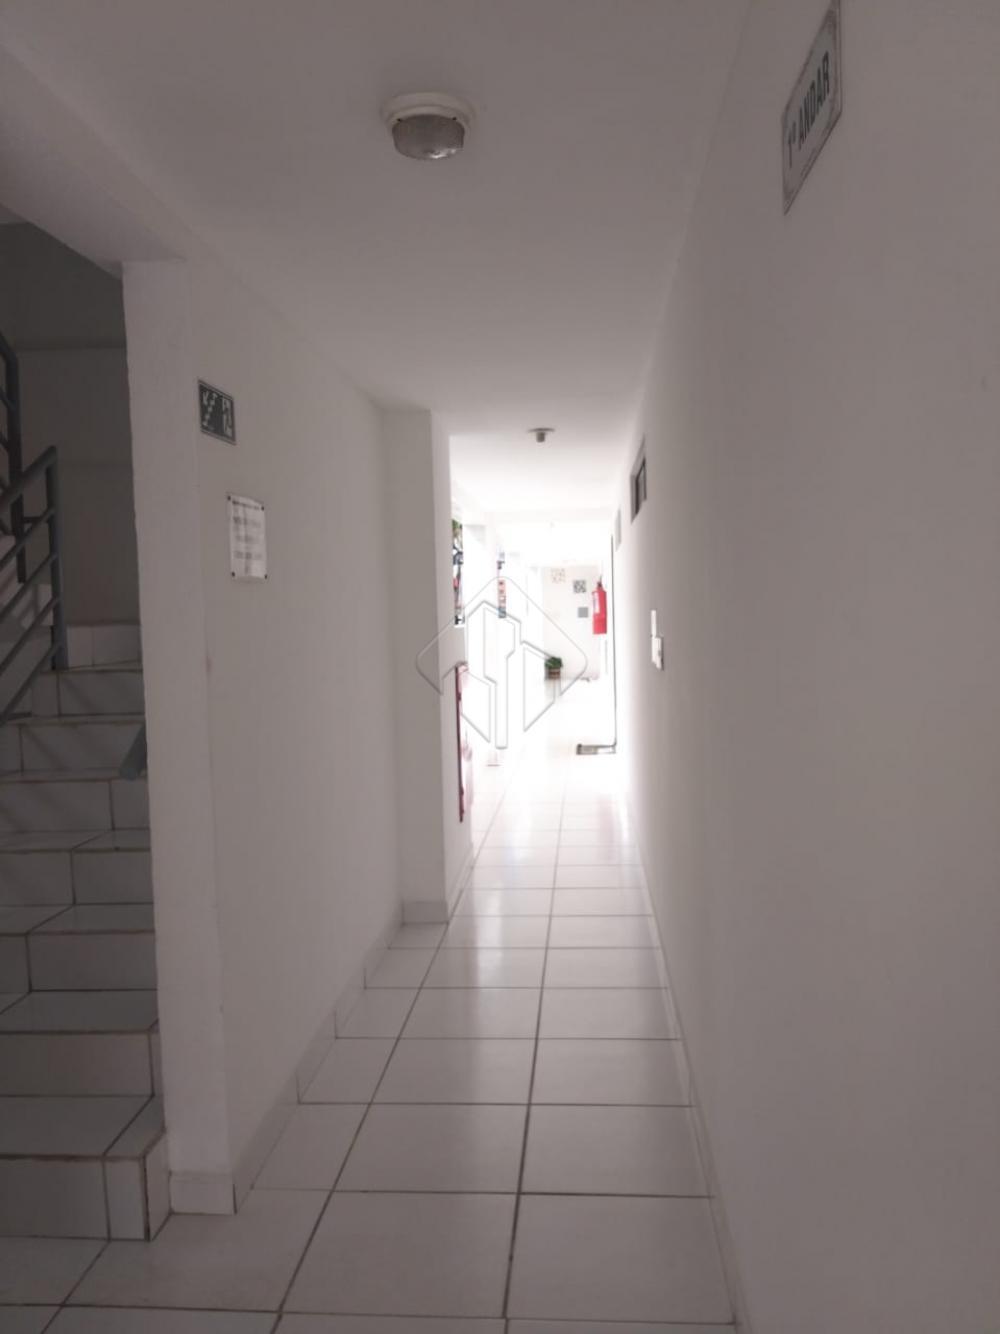 O Apartamento: Sala de estar/Jantar/janelão; 03 quartos sendo 01 suíte e 01 Wc social; Espelho e Blindex nos Banheiros e projetados na cozinha; Cozinha com área de serviços; 01 vaga de garagem; Gás manual; Água individual. Condomínio: 550,00 O Prédio: São 05 apartamentos por andar; 08 pavimentos de apartamentos; 40 Unidades; Posição Sul; Piscina ; Área gourmet com churrasqueira; Espaço kids; Elevador.